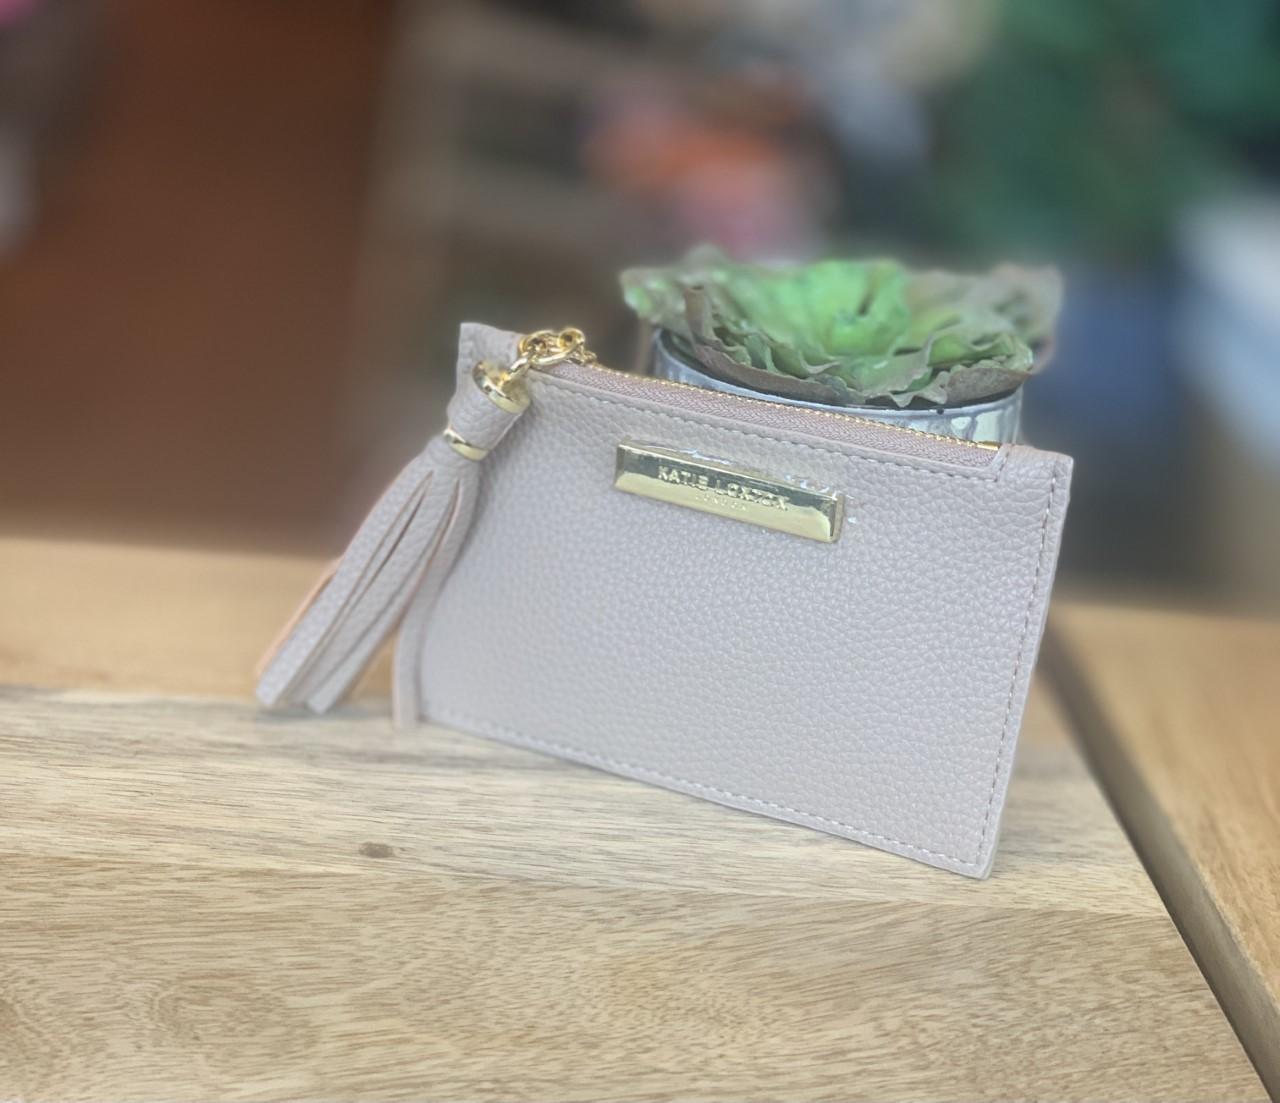 Katie Loxton Sophia tassel kortholder - Beige